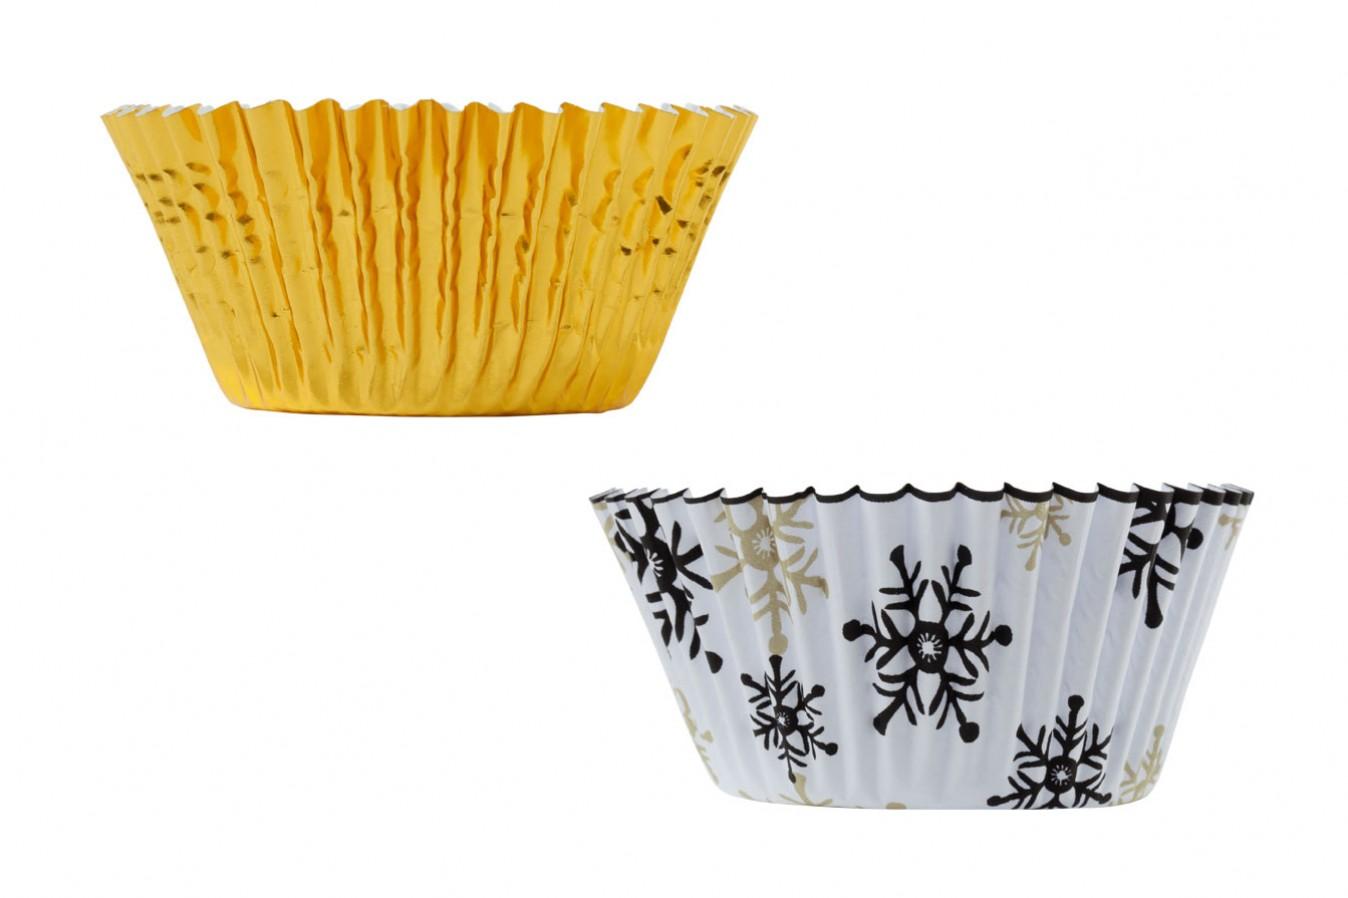 Caissettes à Cupcakes – Flocon de neige/Or – Lot de 36